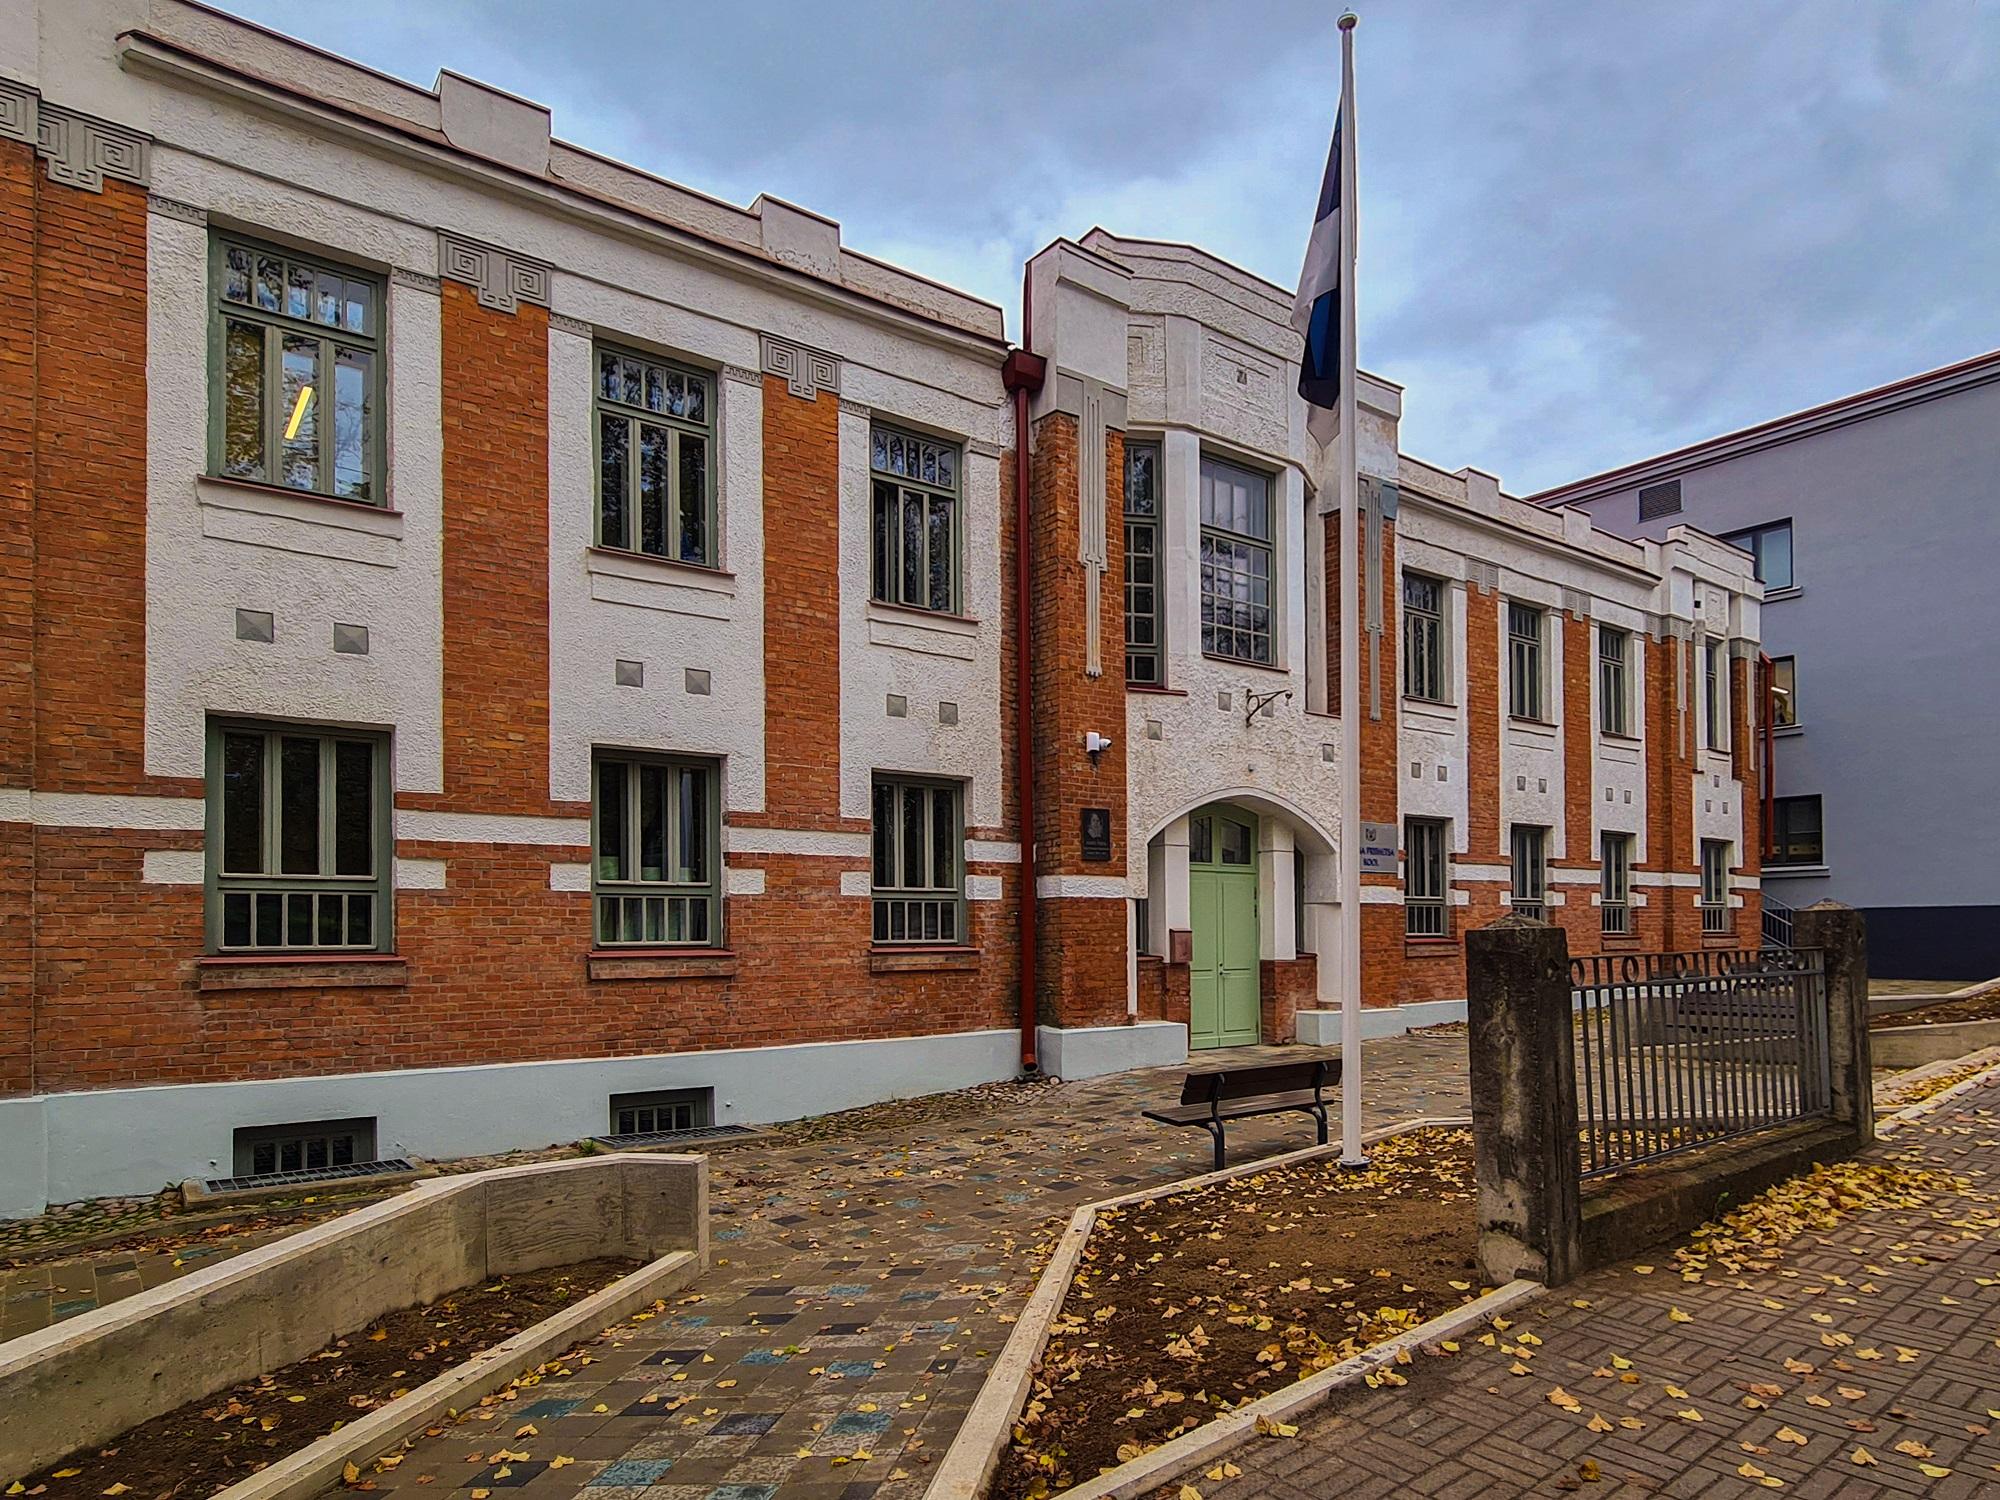 Valga Priimetsa School